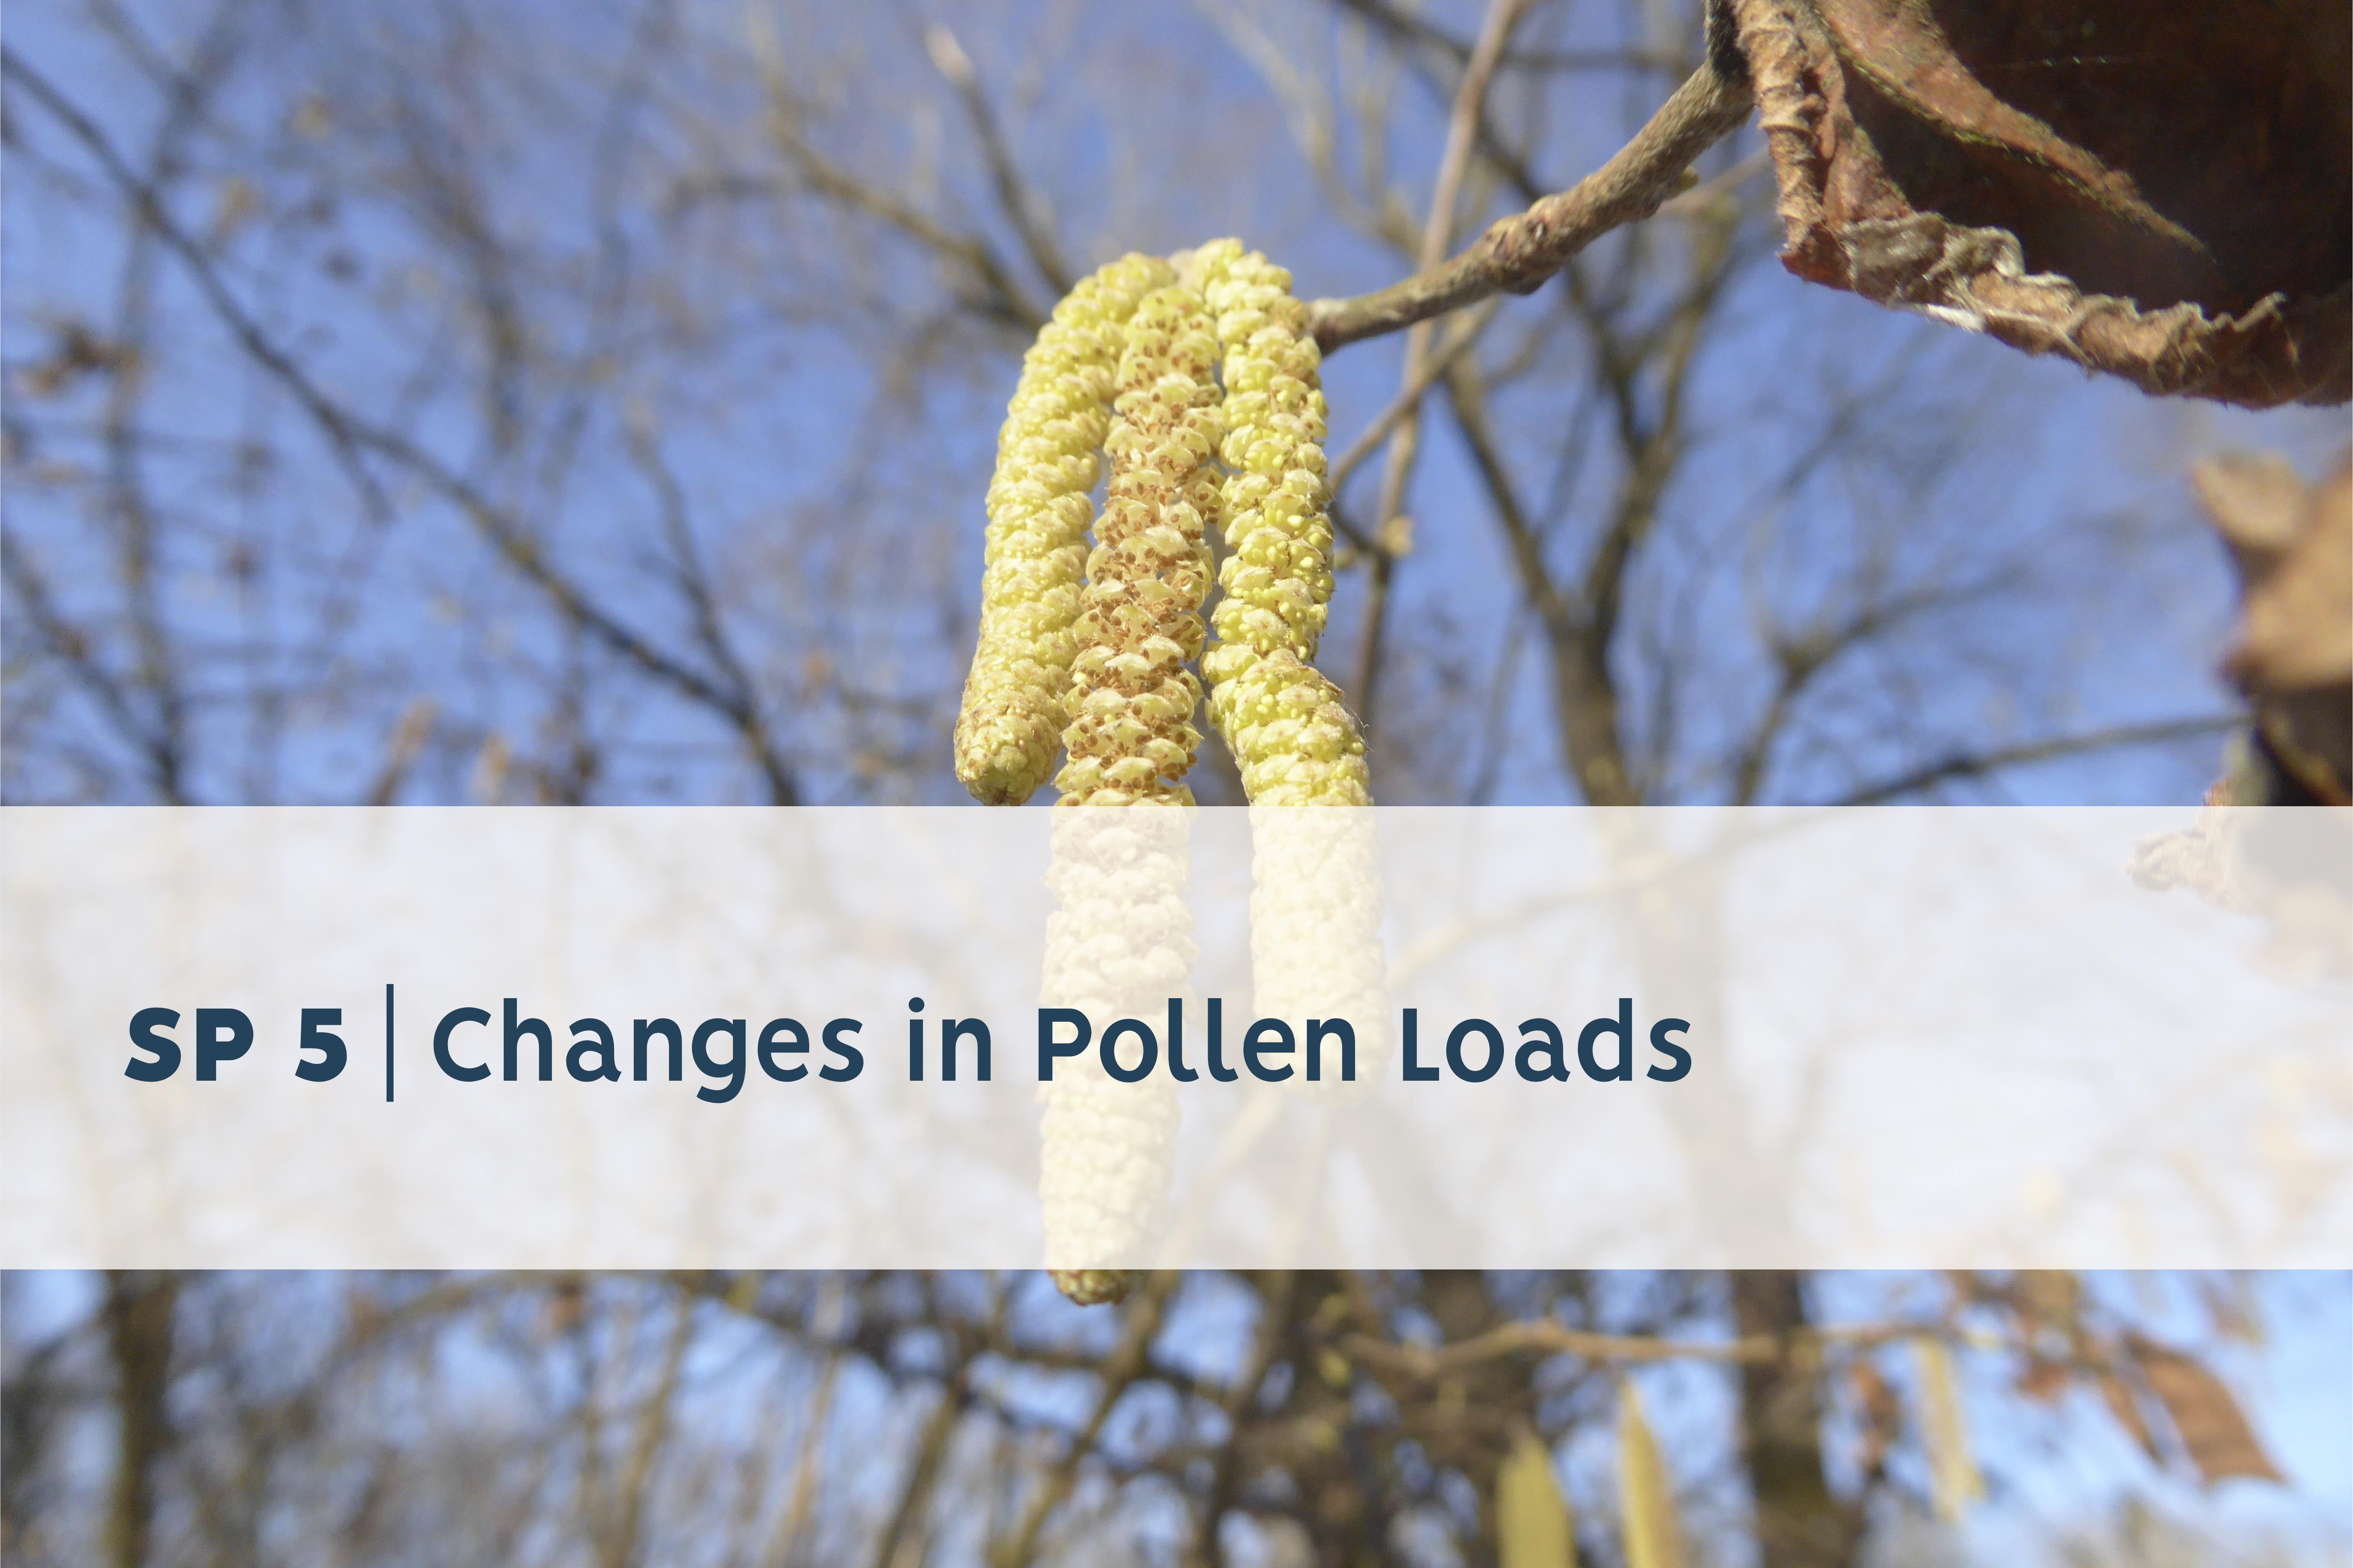 Pollenbelastung